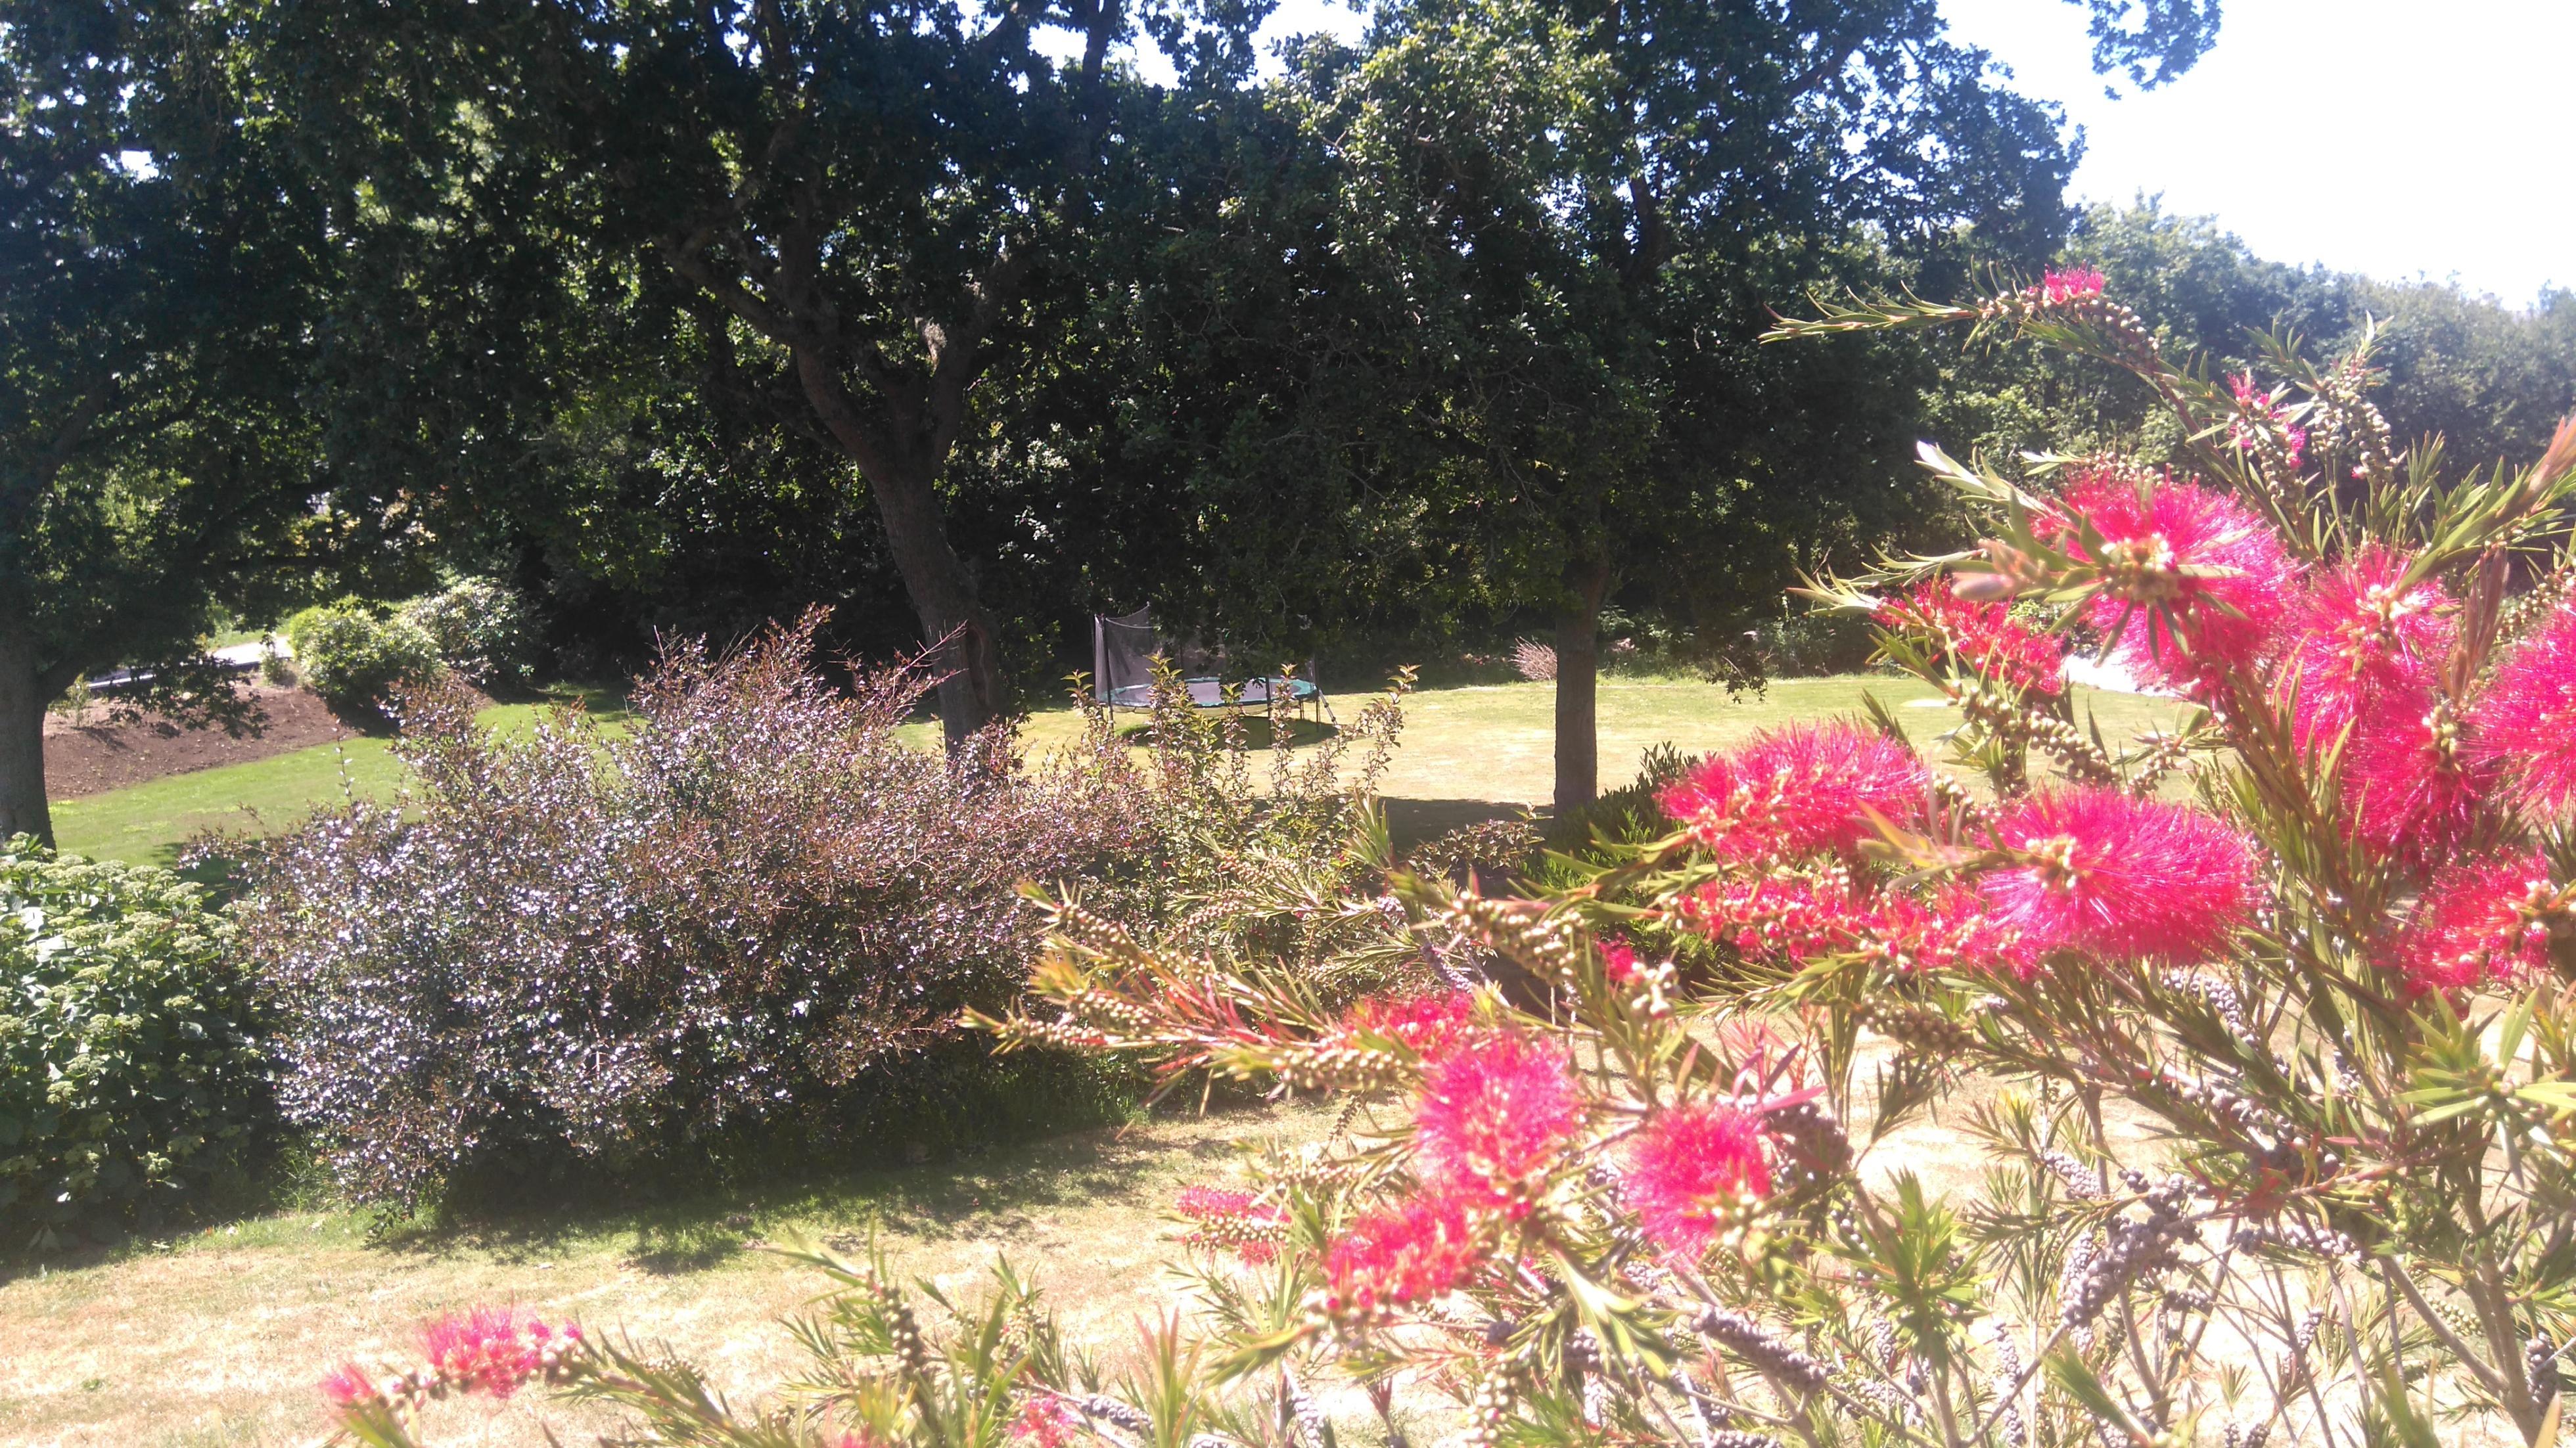 BOOKED SUMMER 2017 BRETAGNE Maison avec jardin proche de la mer